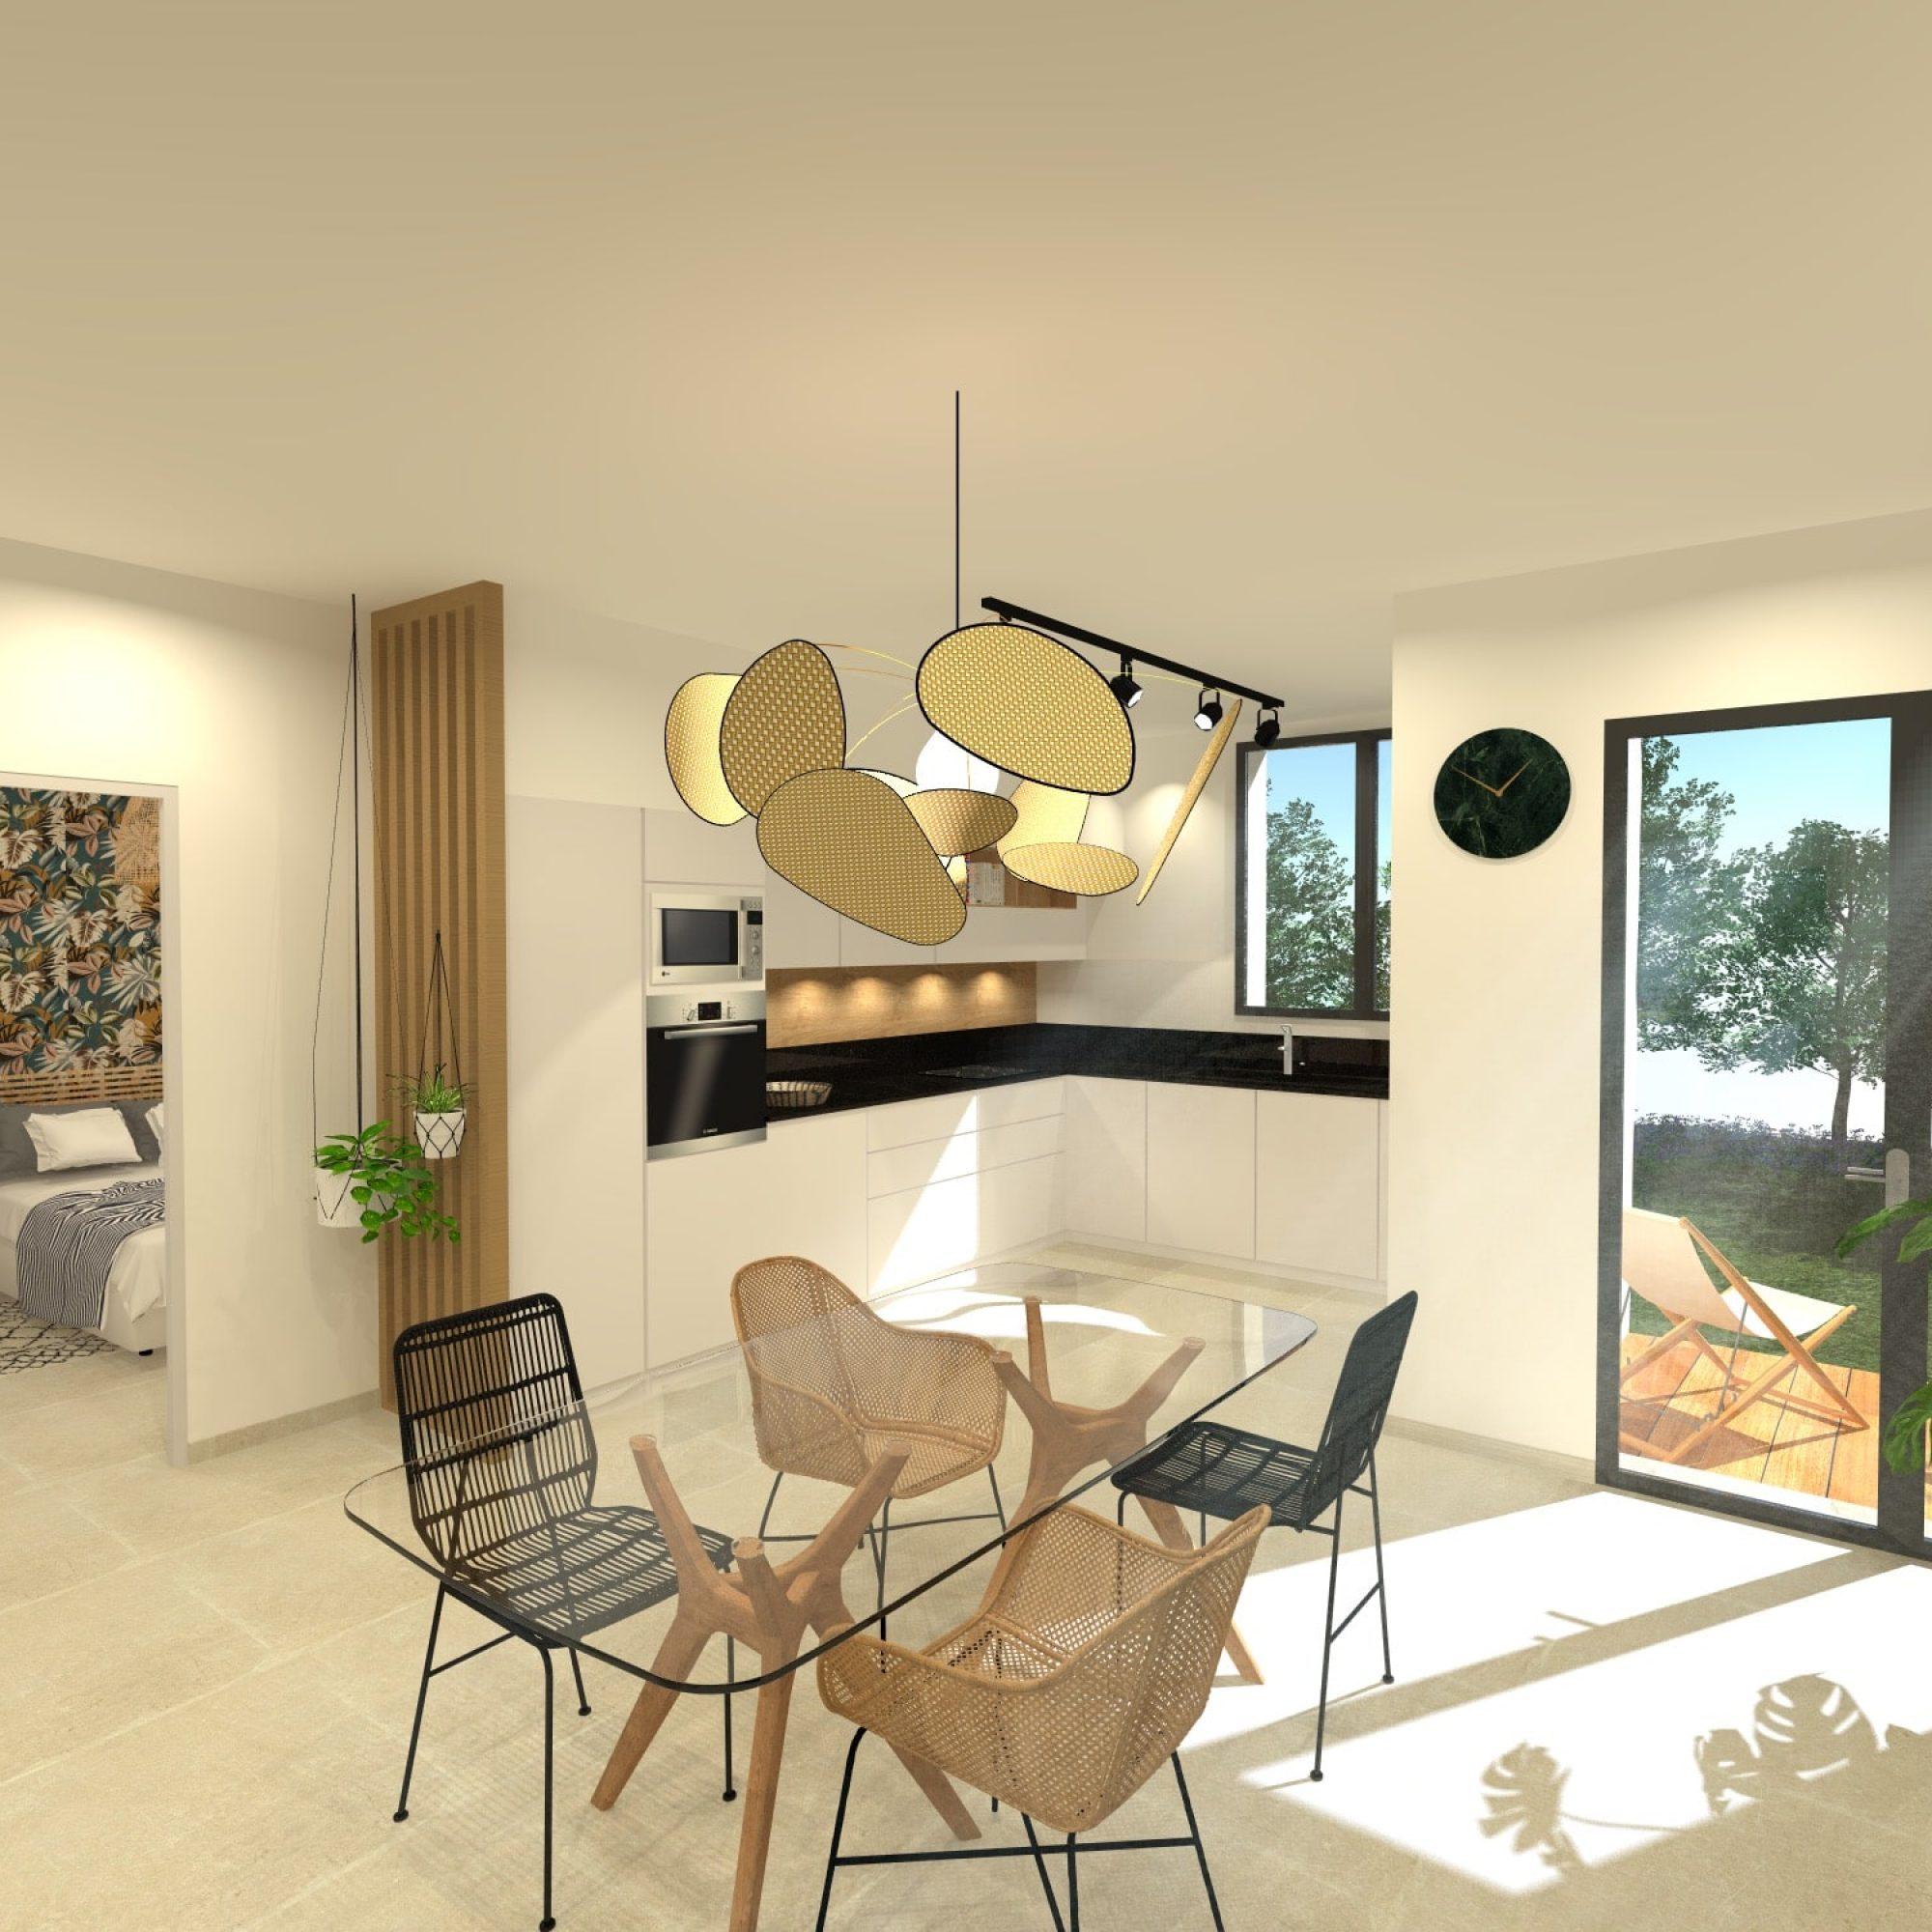 renovation-travaux-architecte-mauguio-decoratateur-architectedinterieur-montpellier-cuisine-amenagement-ilot-chene-ameublement-surmesure-billard-herault-miele-travaux-construction-rochebobois-flos-veneta-osier-laredoute-maison-appartement-modifierinterieur-quart-plandetravail-claustra-cheminee-leroymerlin-faience-spot